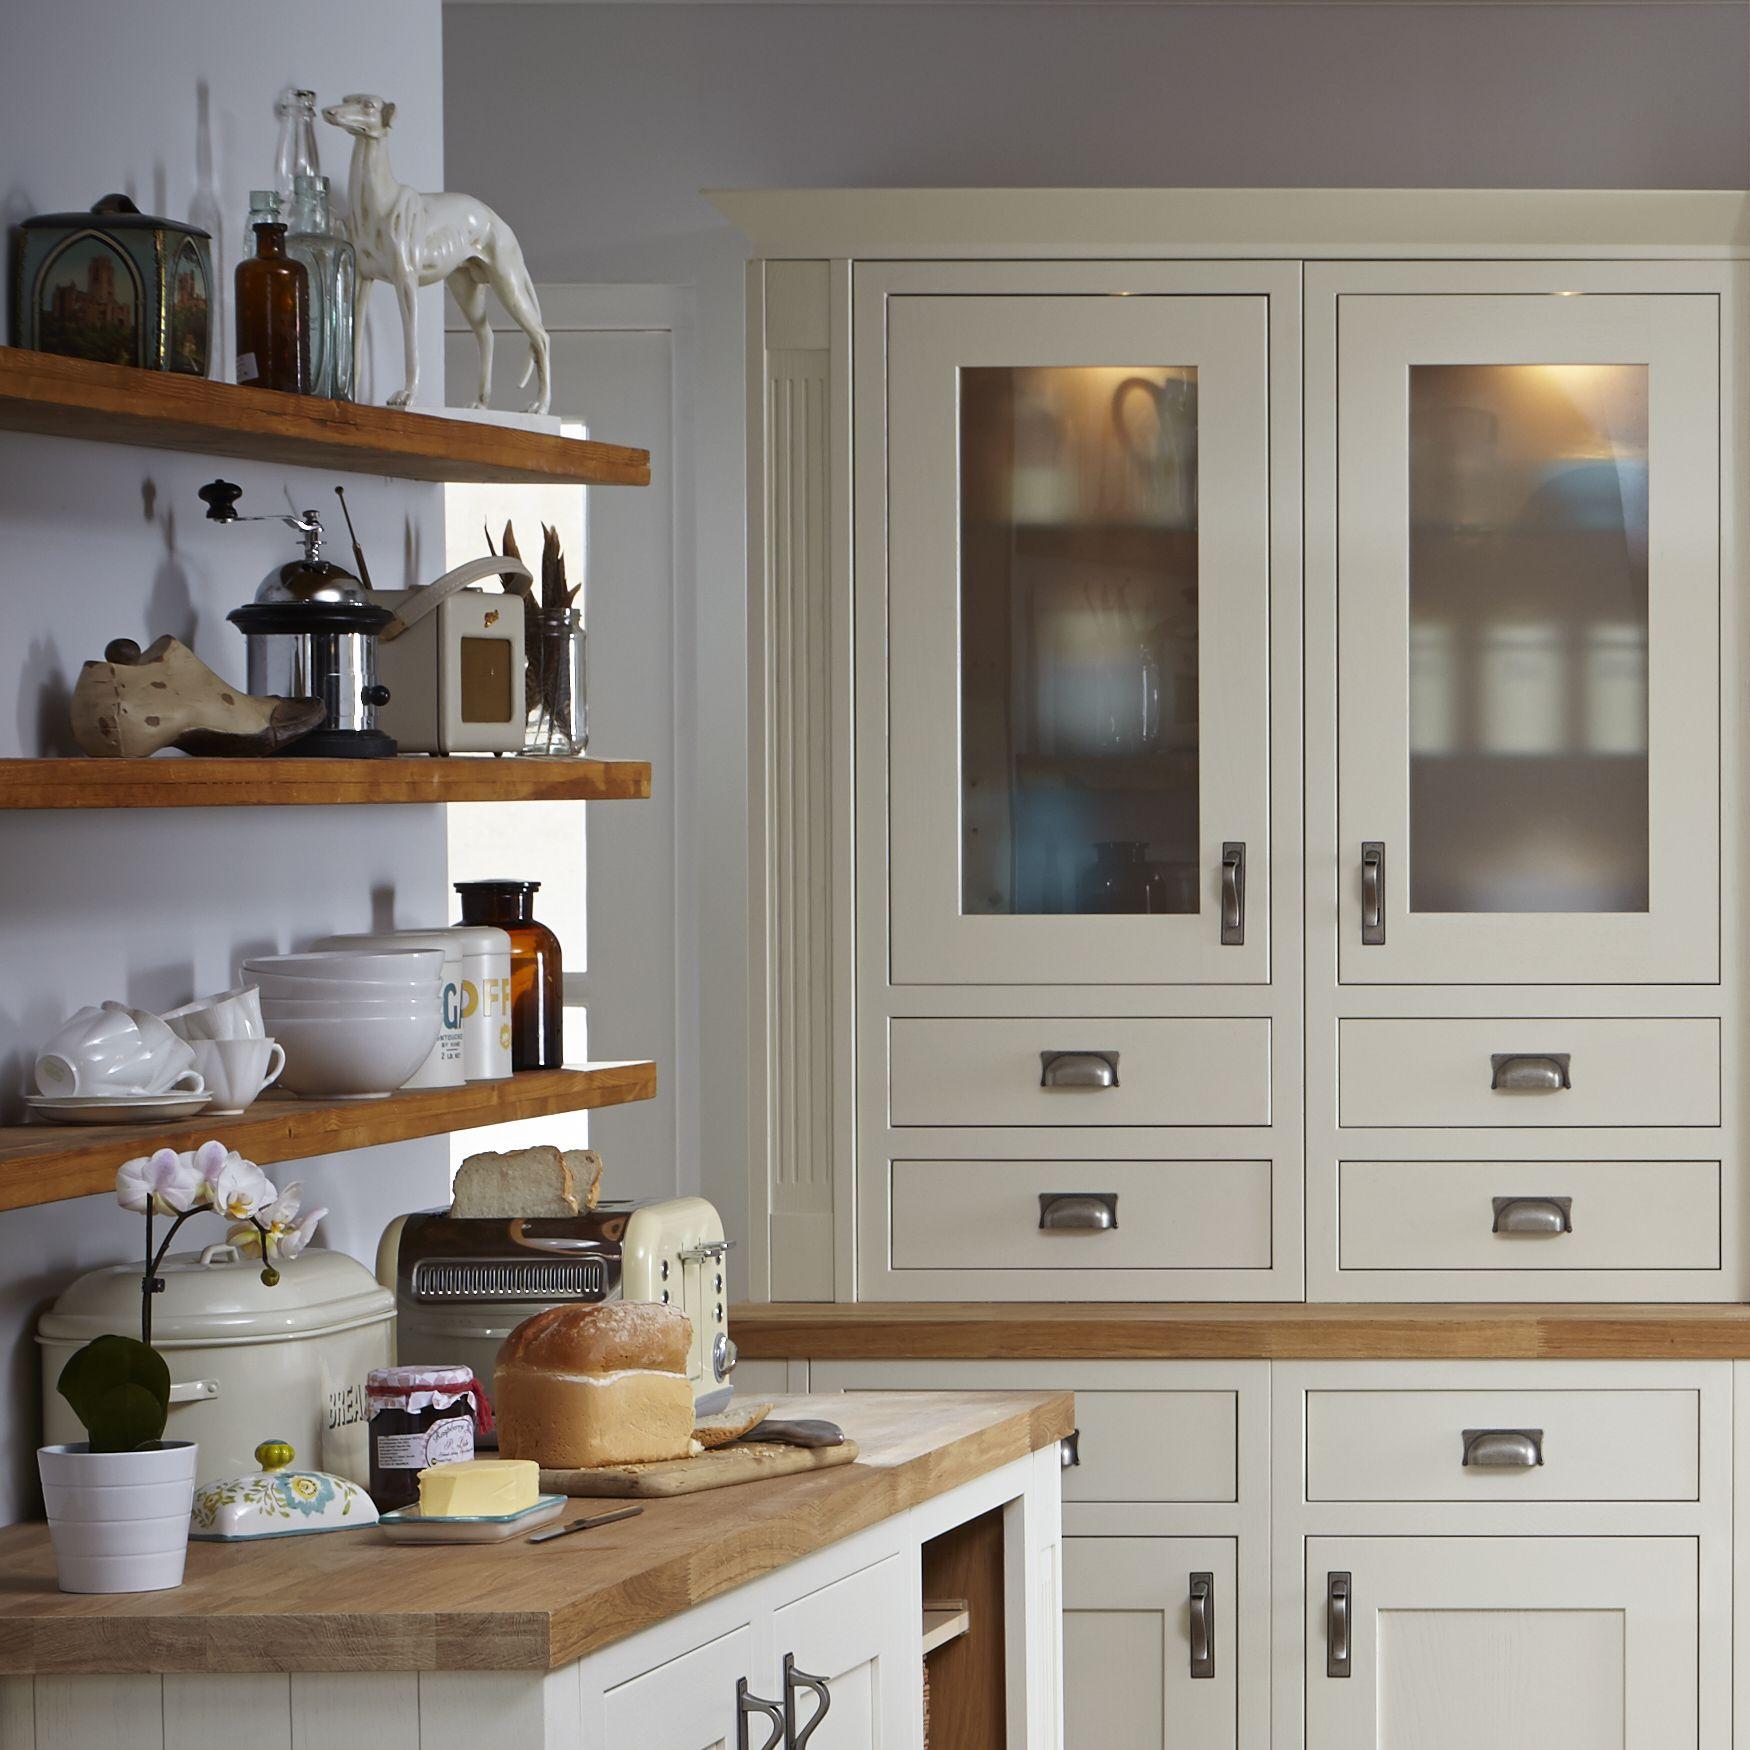 Vintage kitchen design ideas Help & Ideas